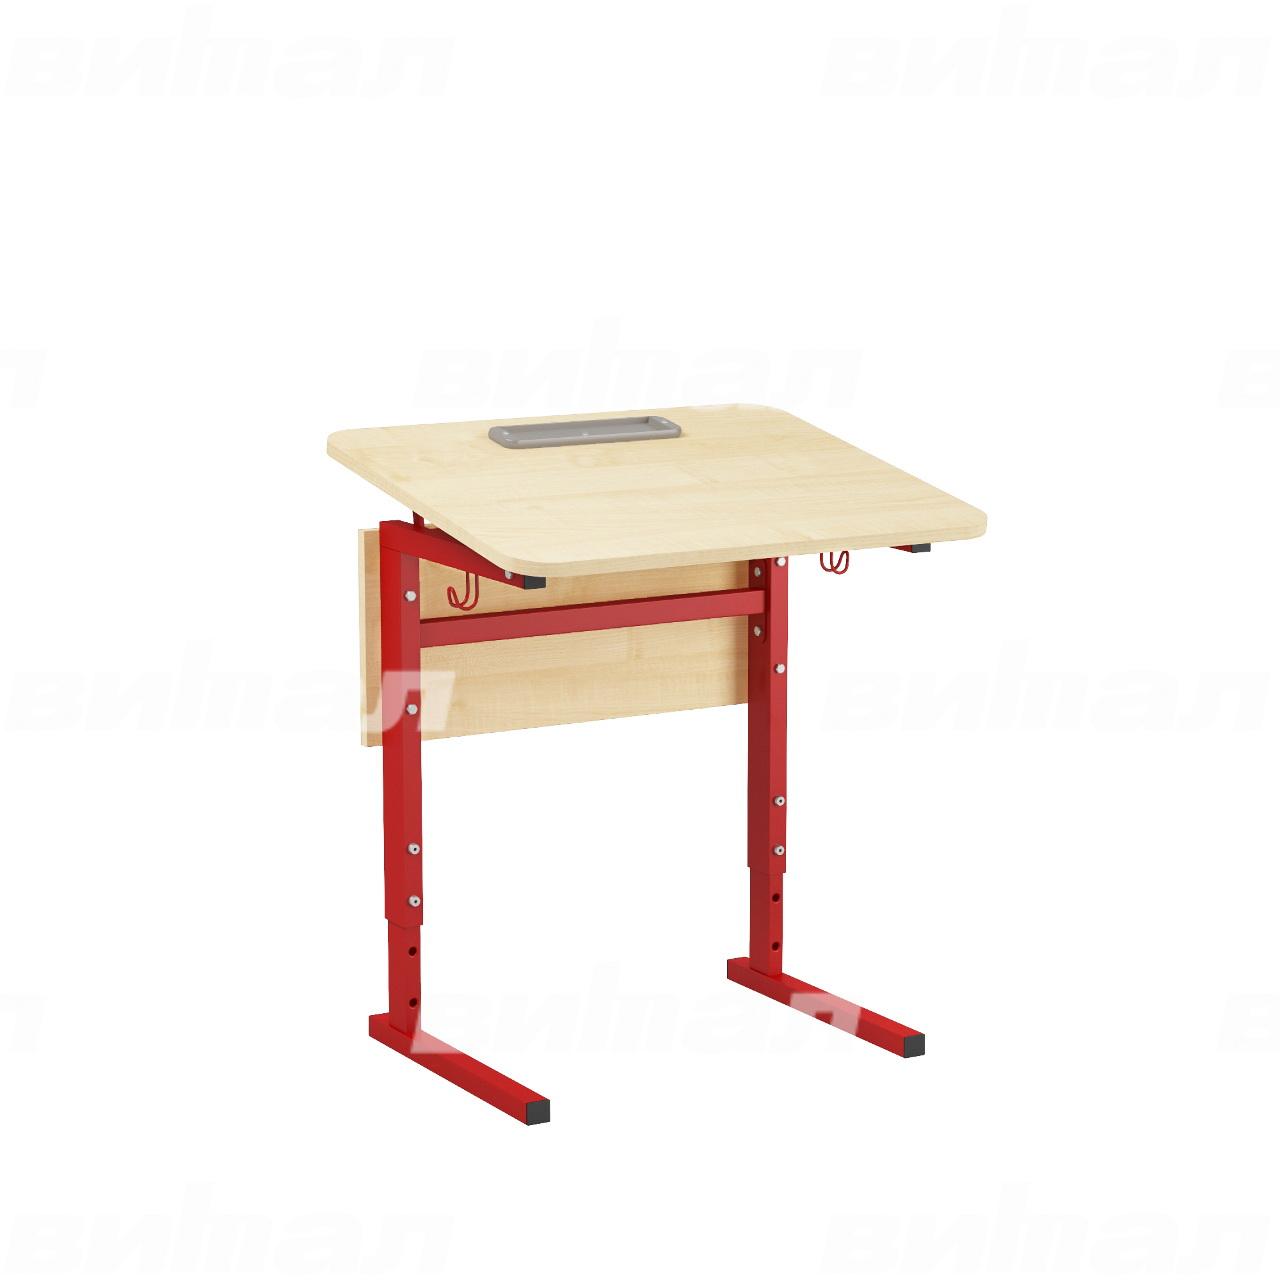 Стол 1-местный регулир. высота и наклон столешницы 0-10° (гр 2-4, 3-5 или 4-6) красный Клен 3-5 Меламин прямоугольная